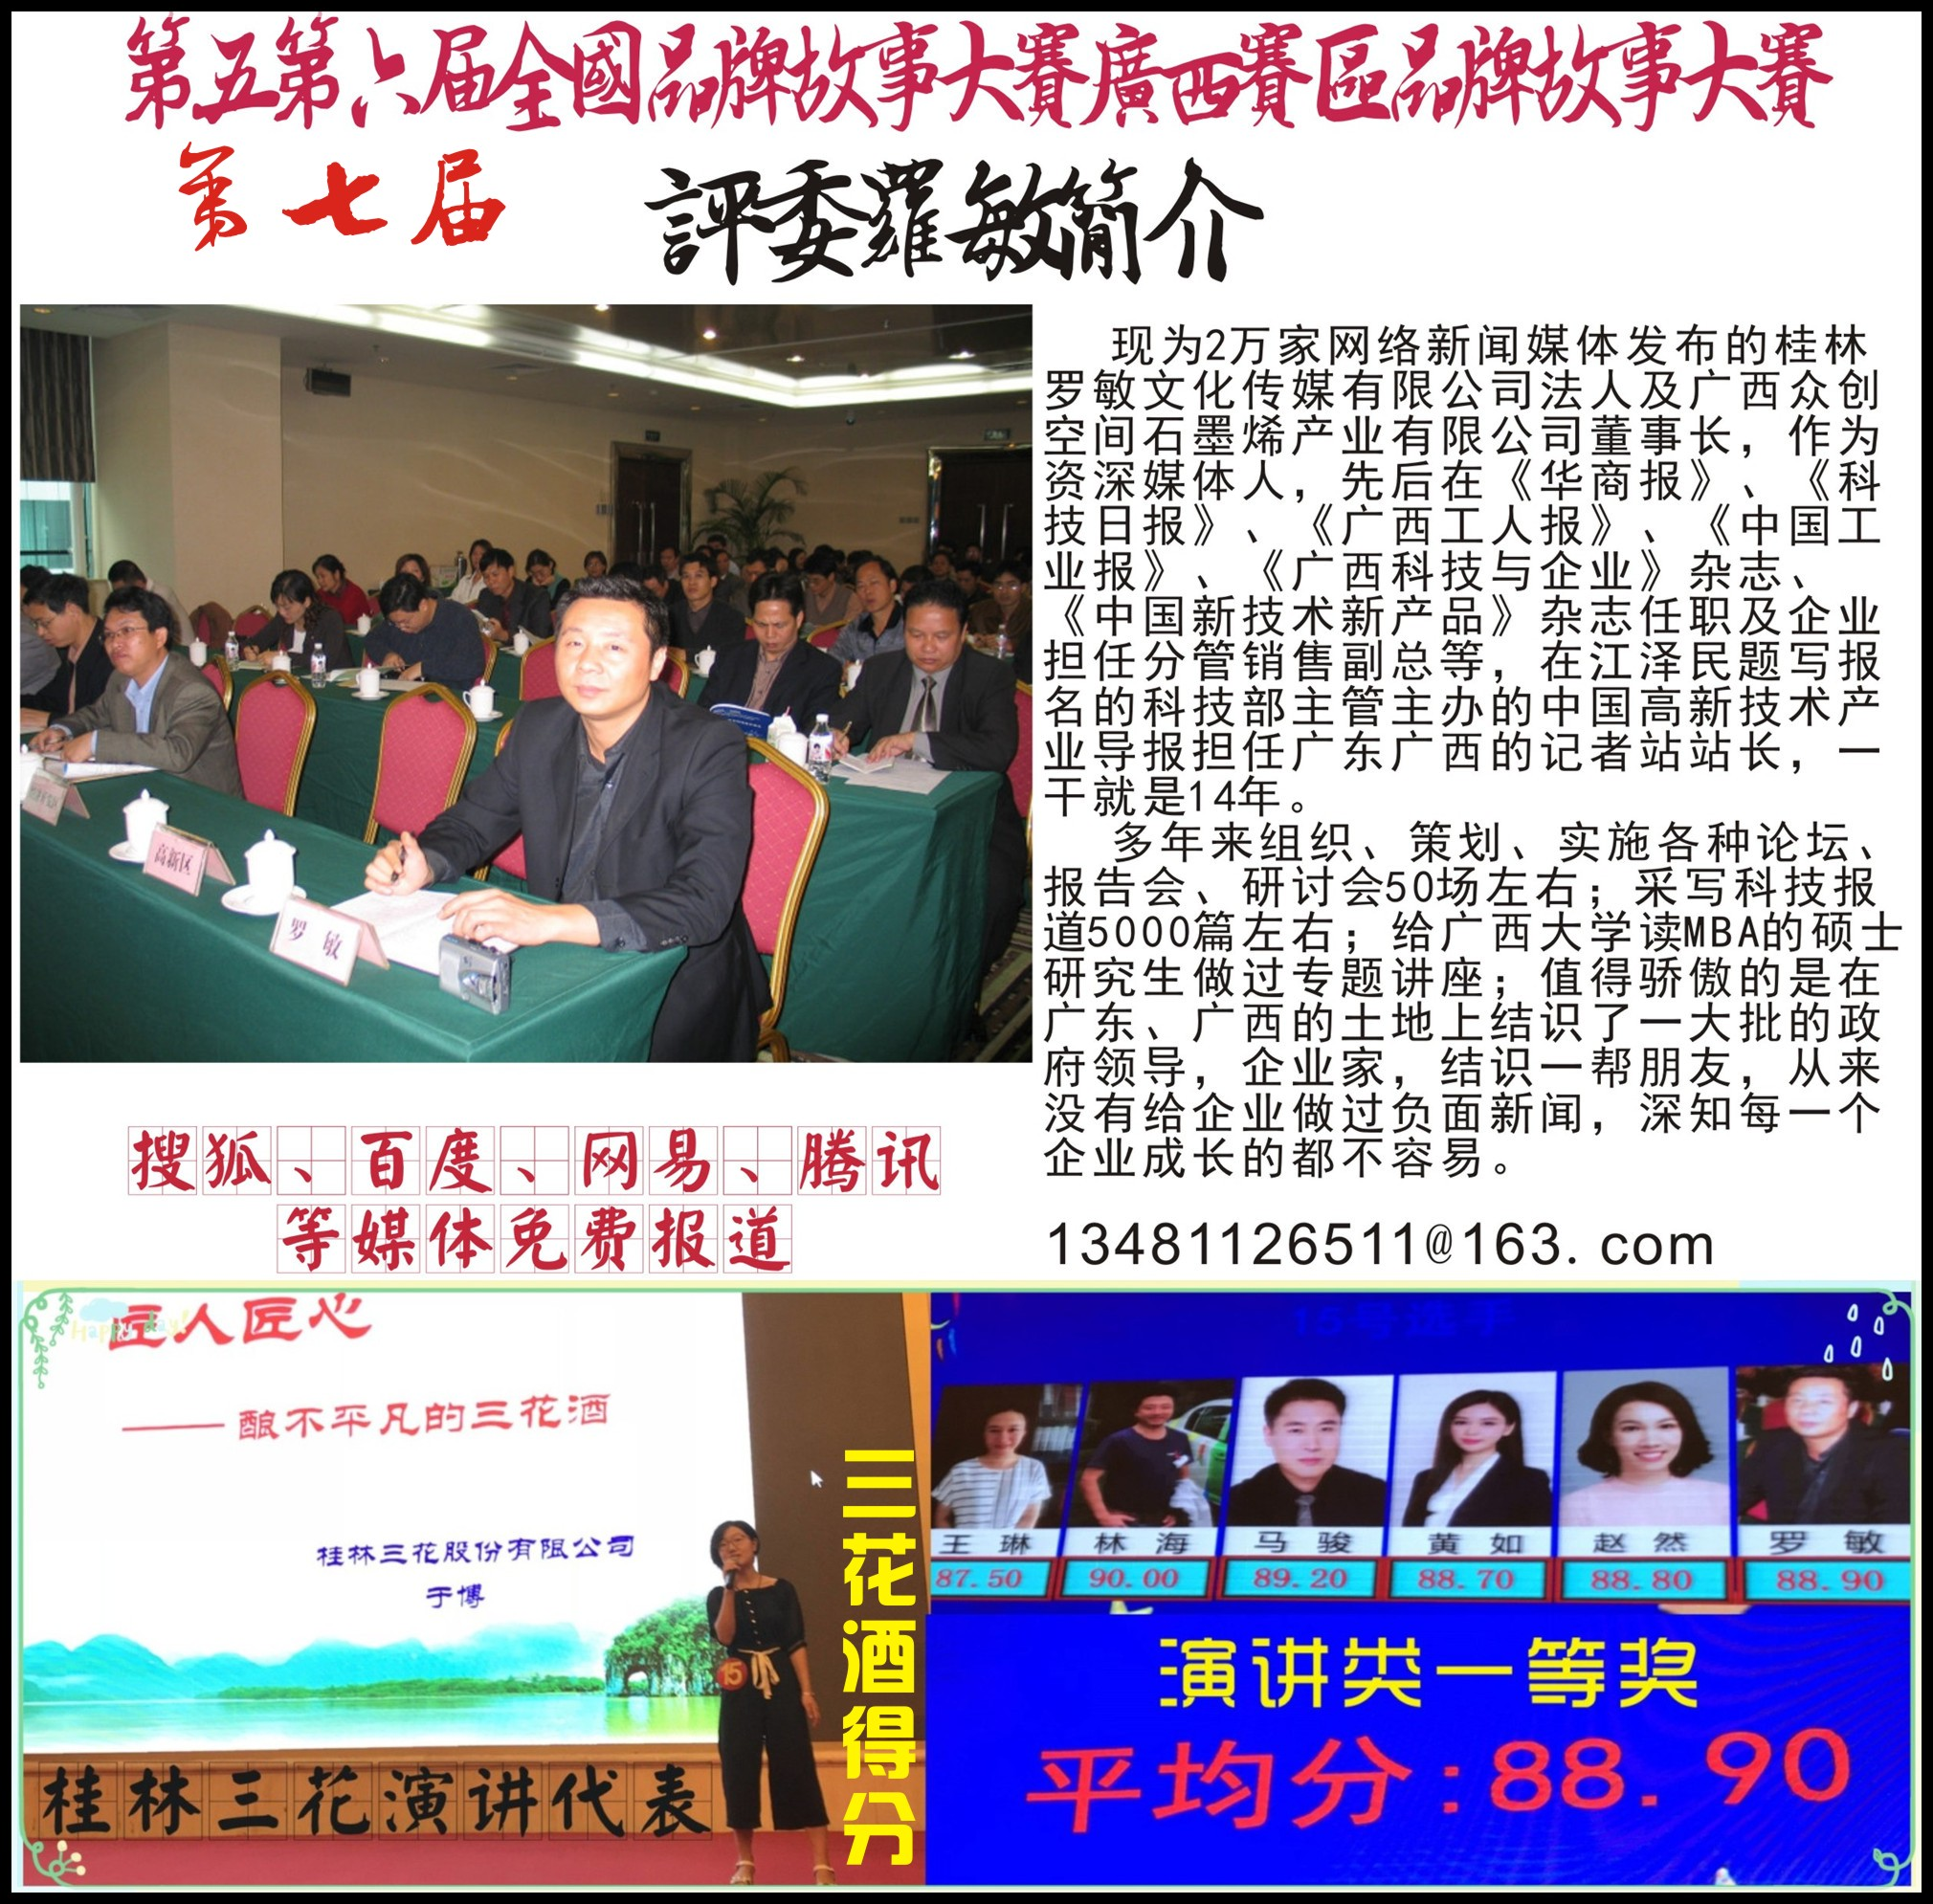 75016e459fb54edf9c384b79ca784b78 - 志社社长一行亲临感仙茶厂首页通知中国金融文化杂